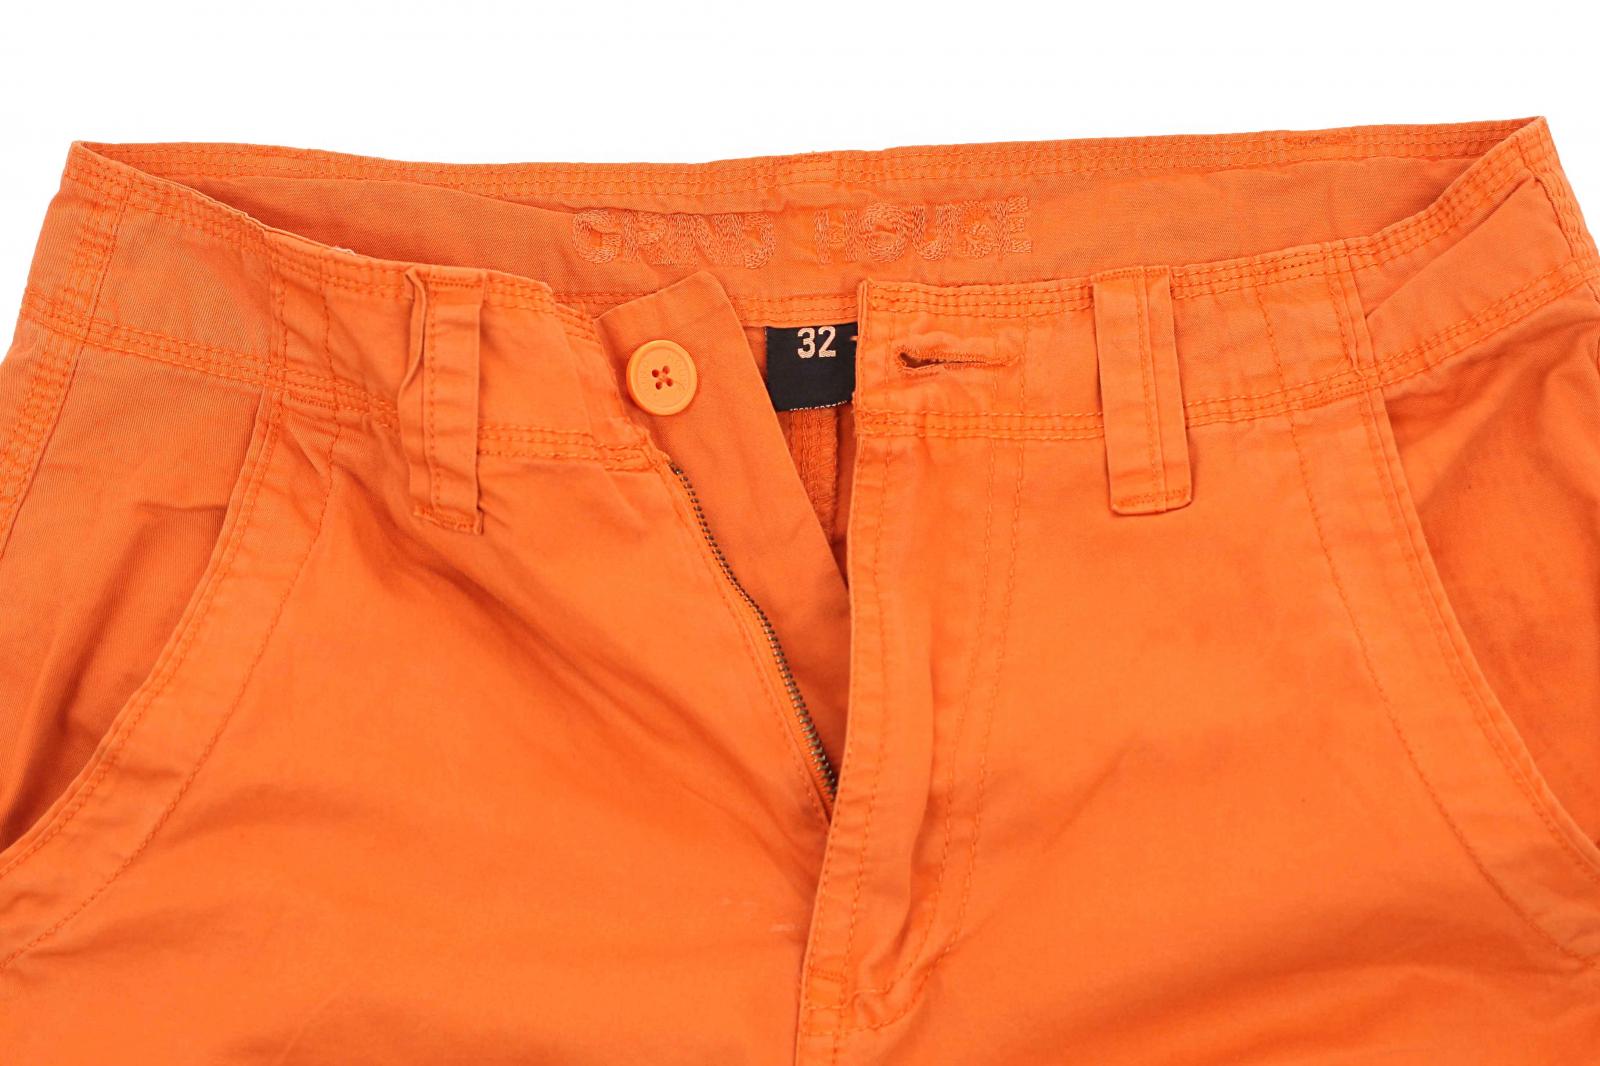 Оригинальные оранжевые мужские шорты от Grind House с доставкой